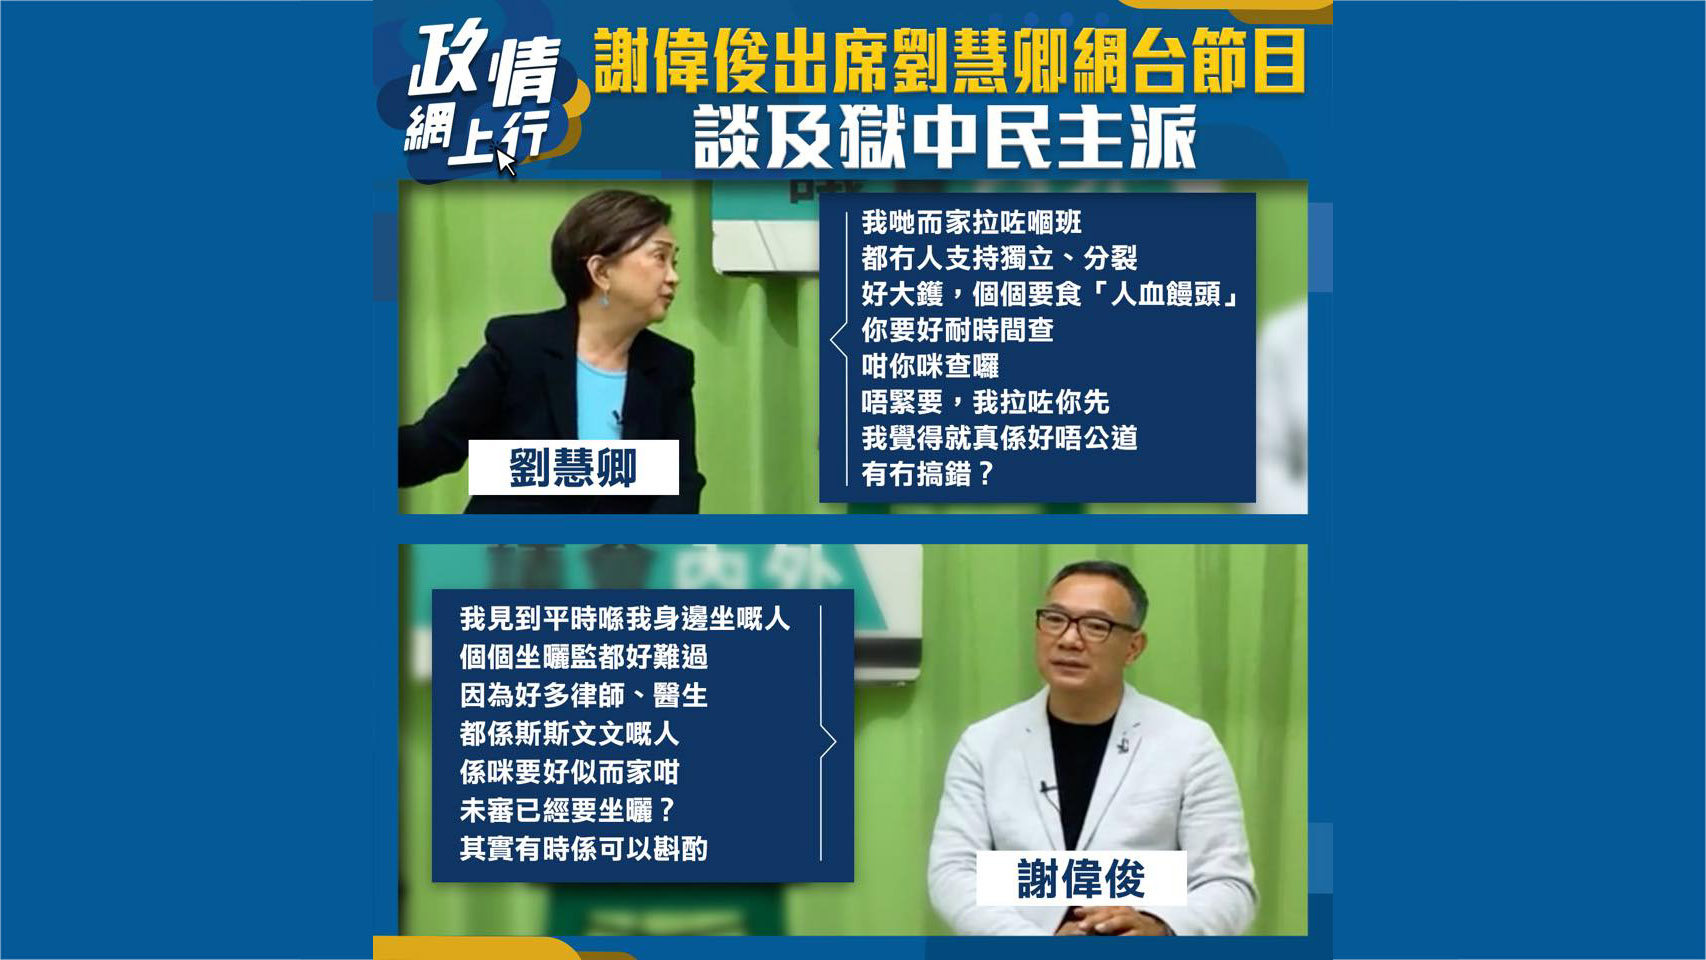 【政情網上行】謝偉俊出席劉慧卿網台節目談及獄中民主派